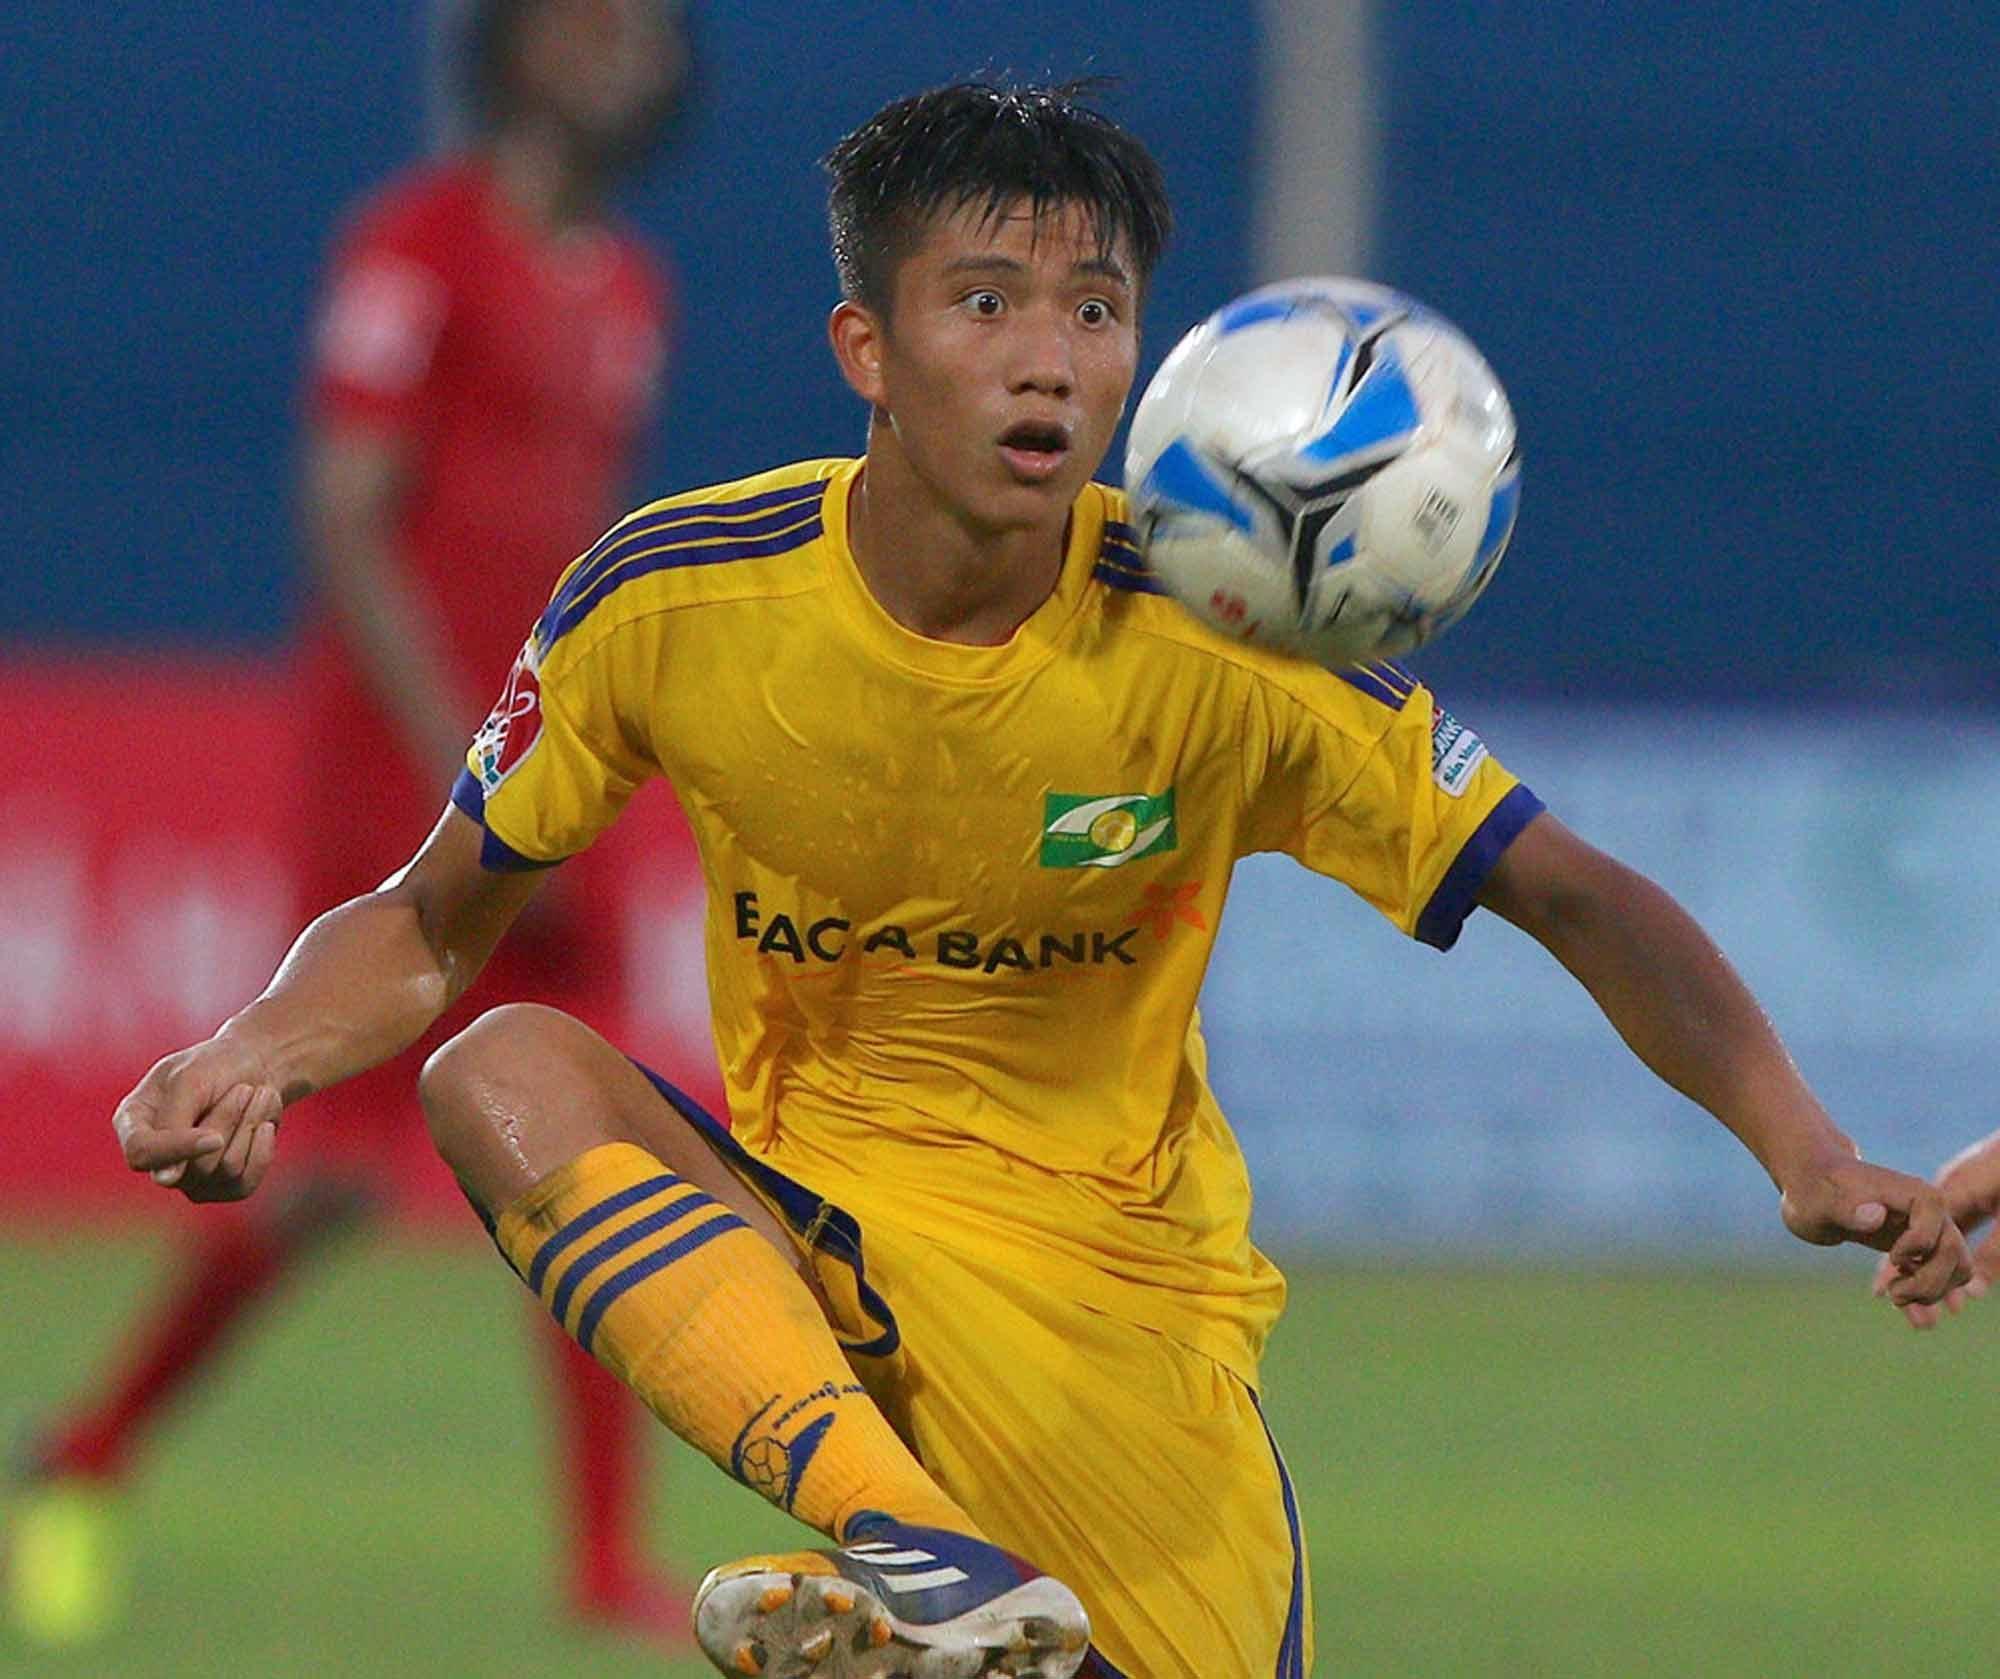 Gia cảnh khó khăn của các cầu thủ U23 khiến người hâm mộ thắt lòng - Ảnh 1